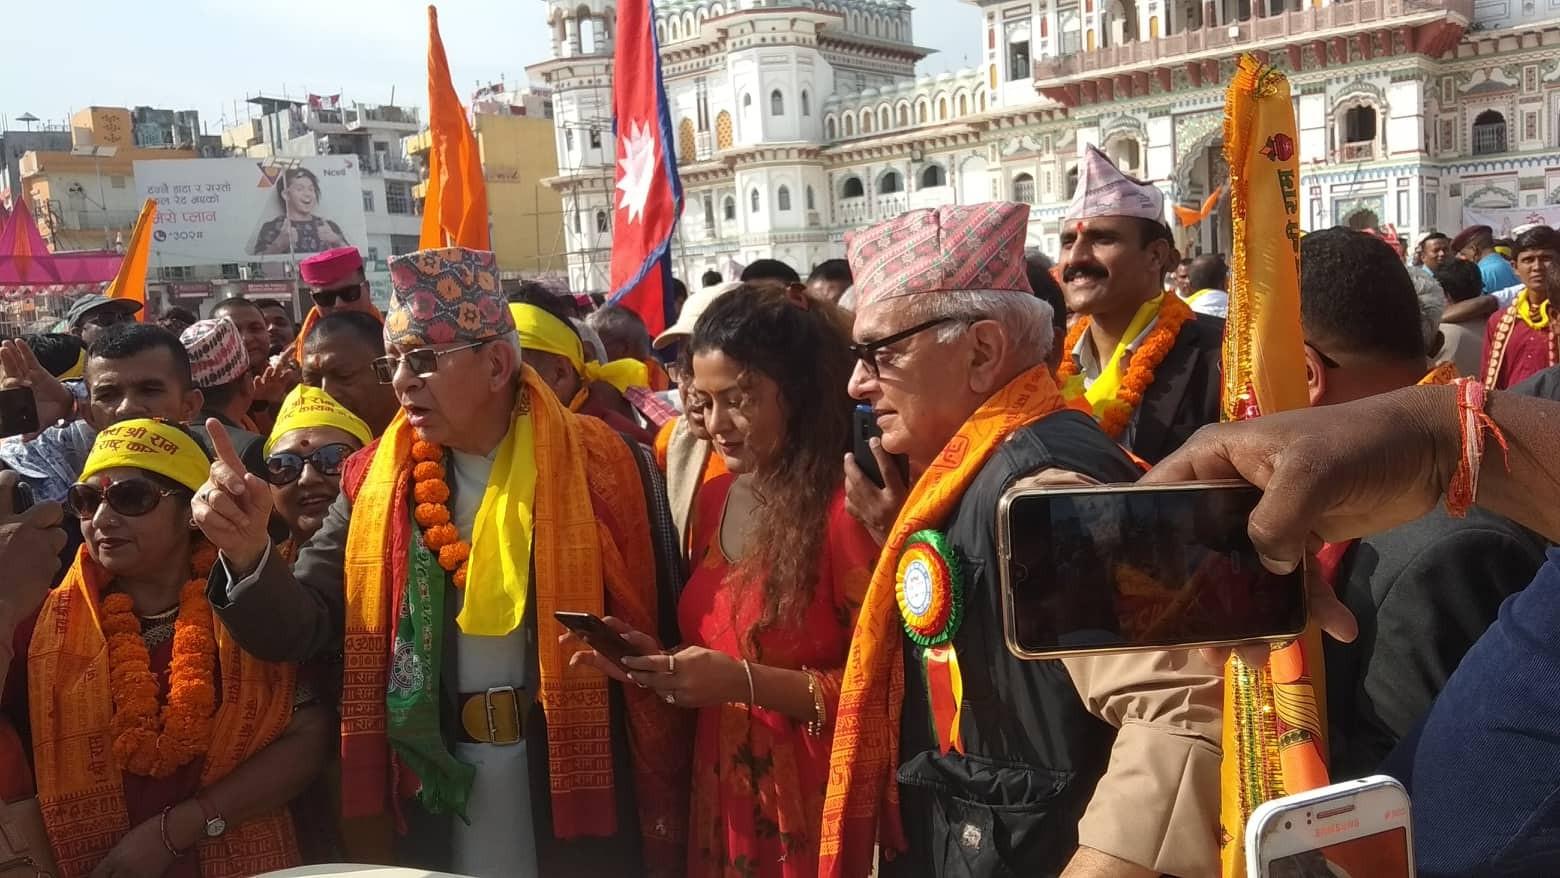 राप्रपा संयुक्तले थाल्यो जागरण यात्रा : माग- 'हिन्दु राष्ट्र'